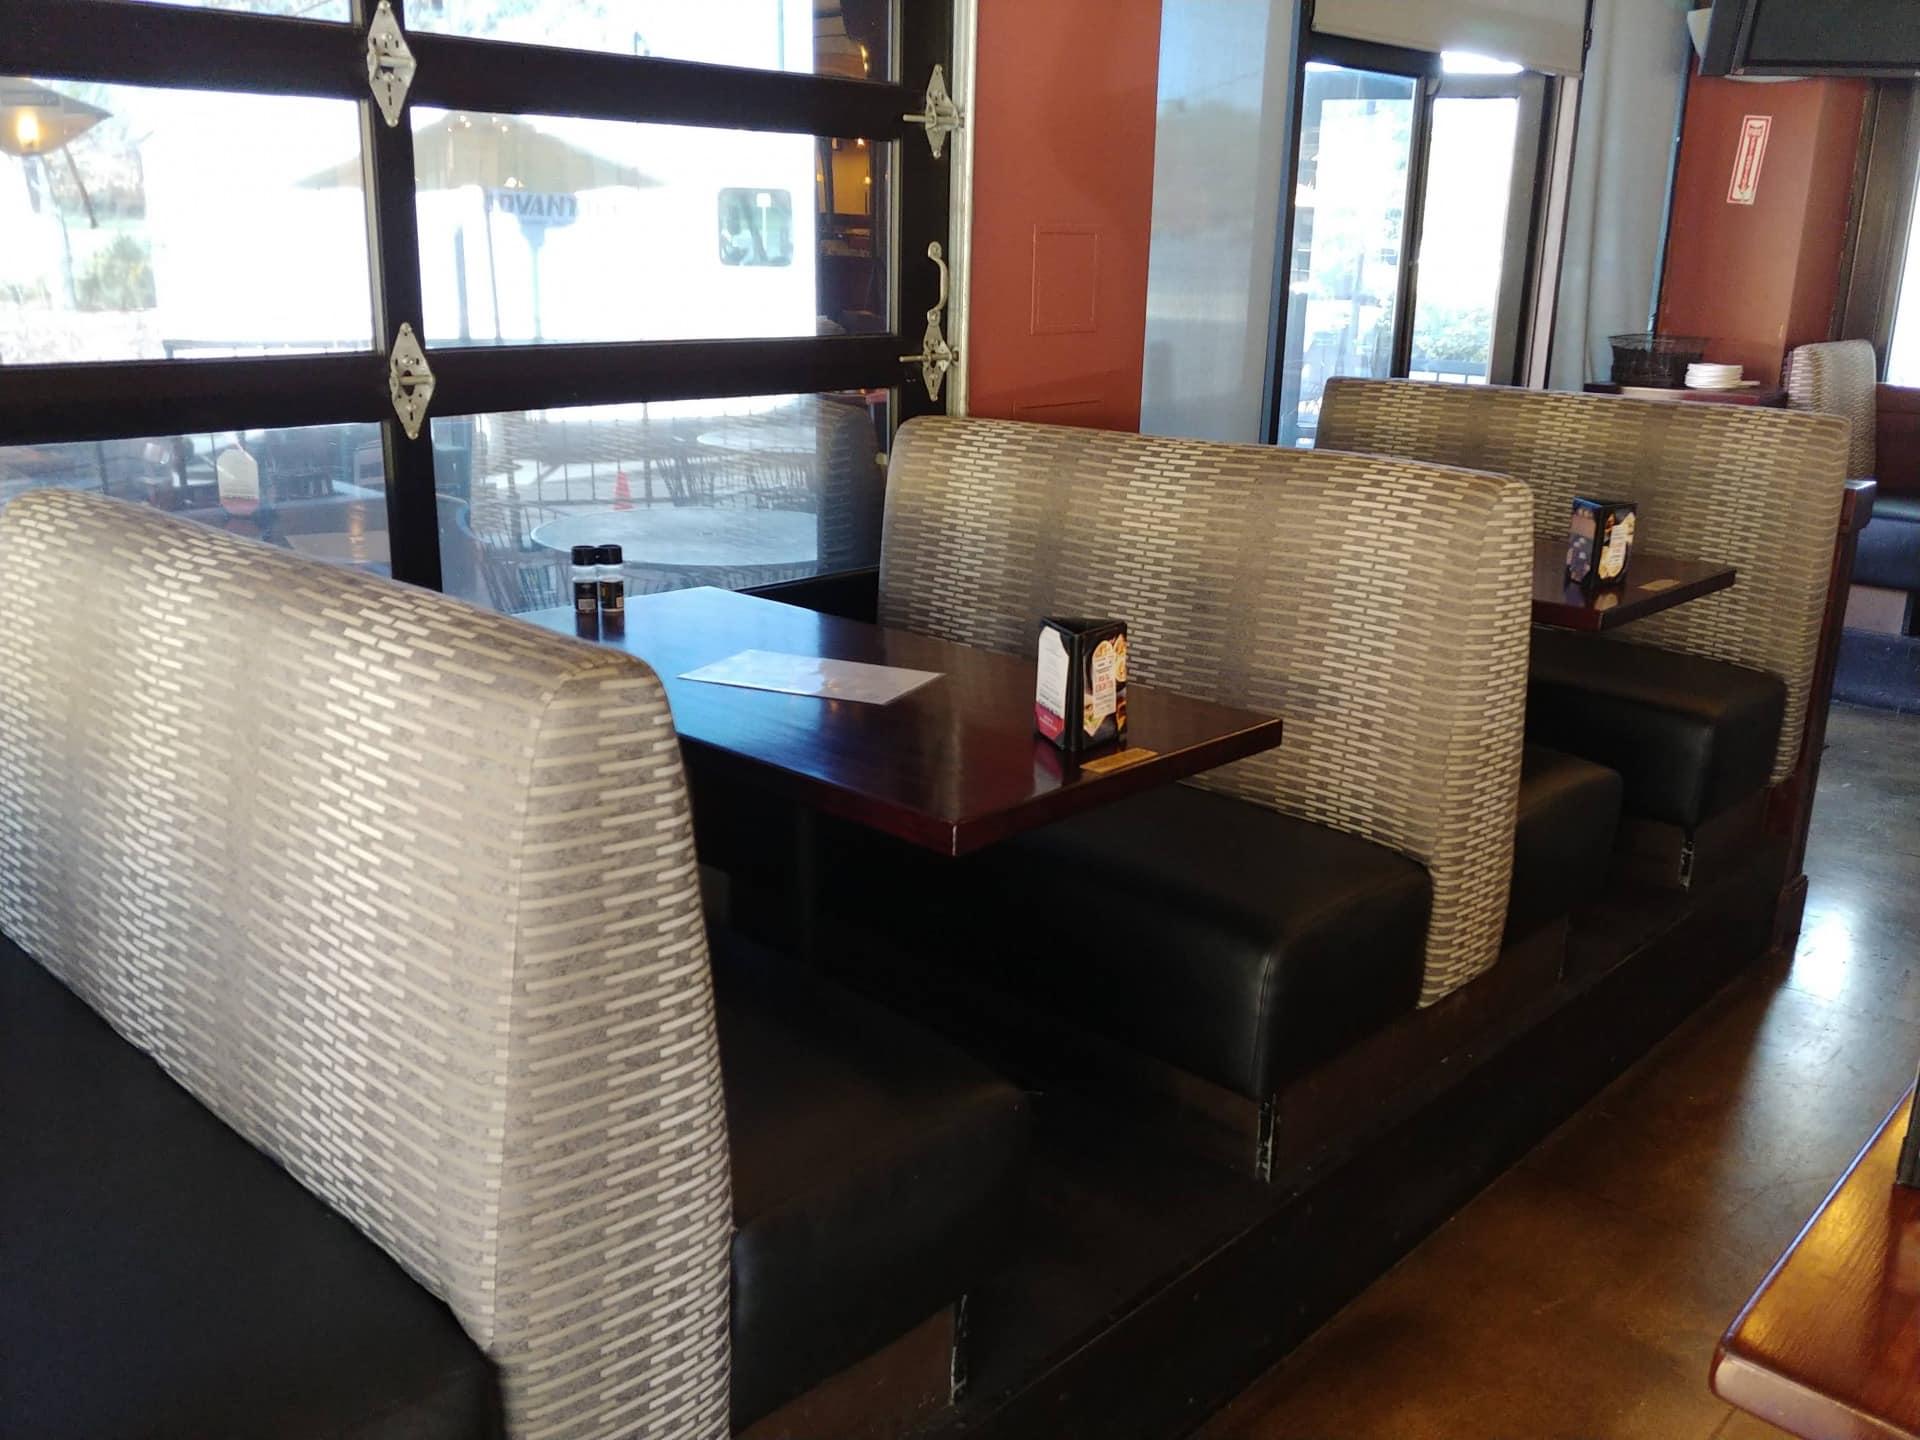 4-Top Booth Seats.Restuarant Remodel.Gordon Biersch Brewing Company